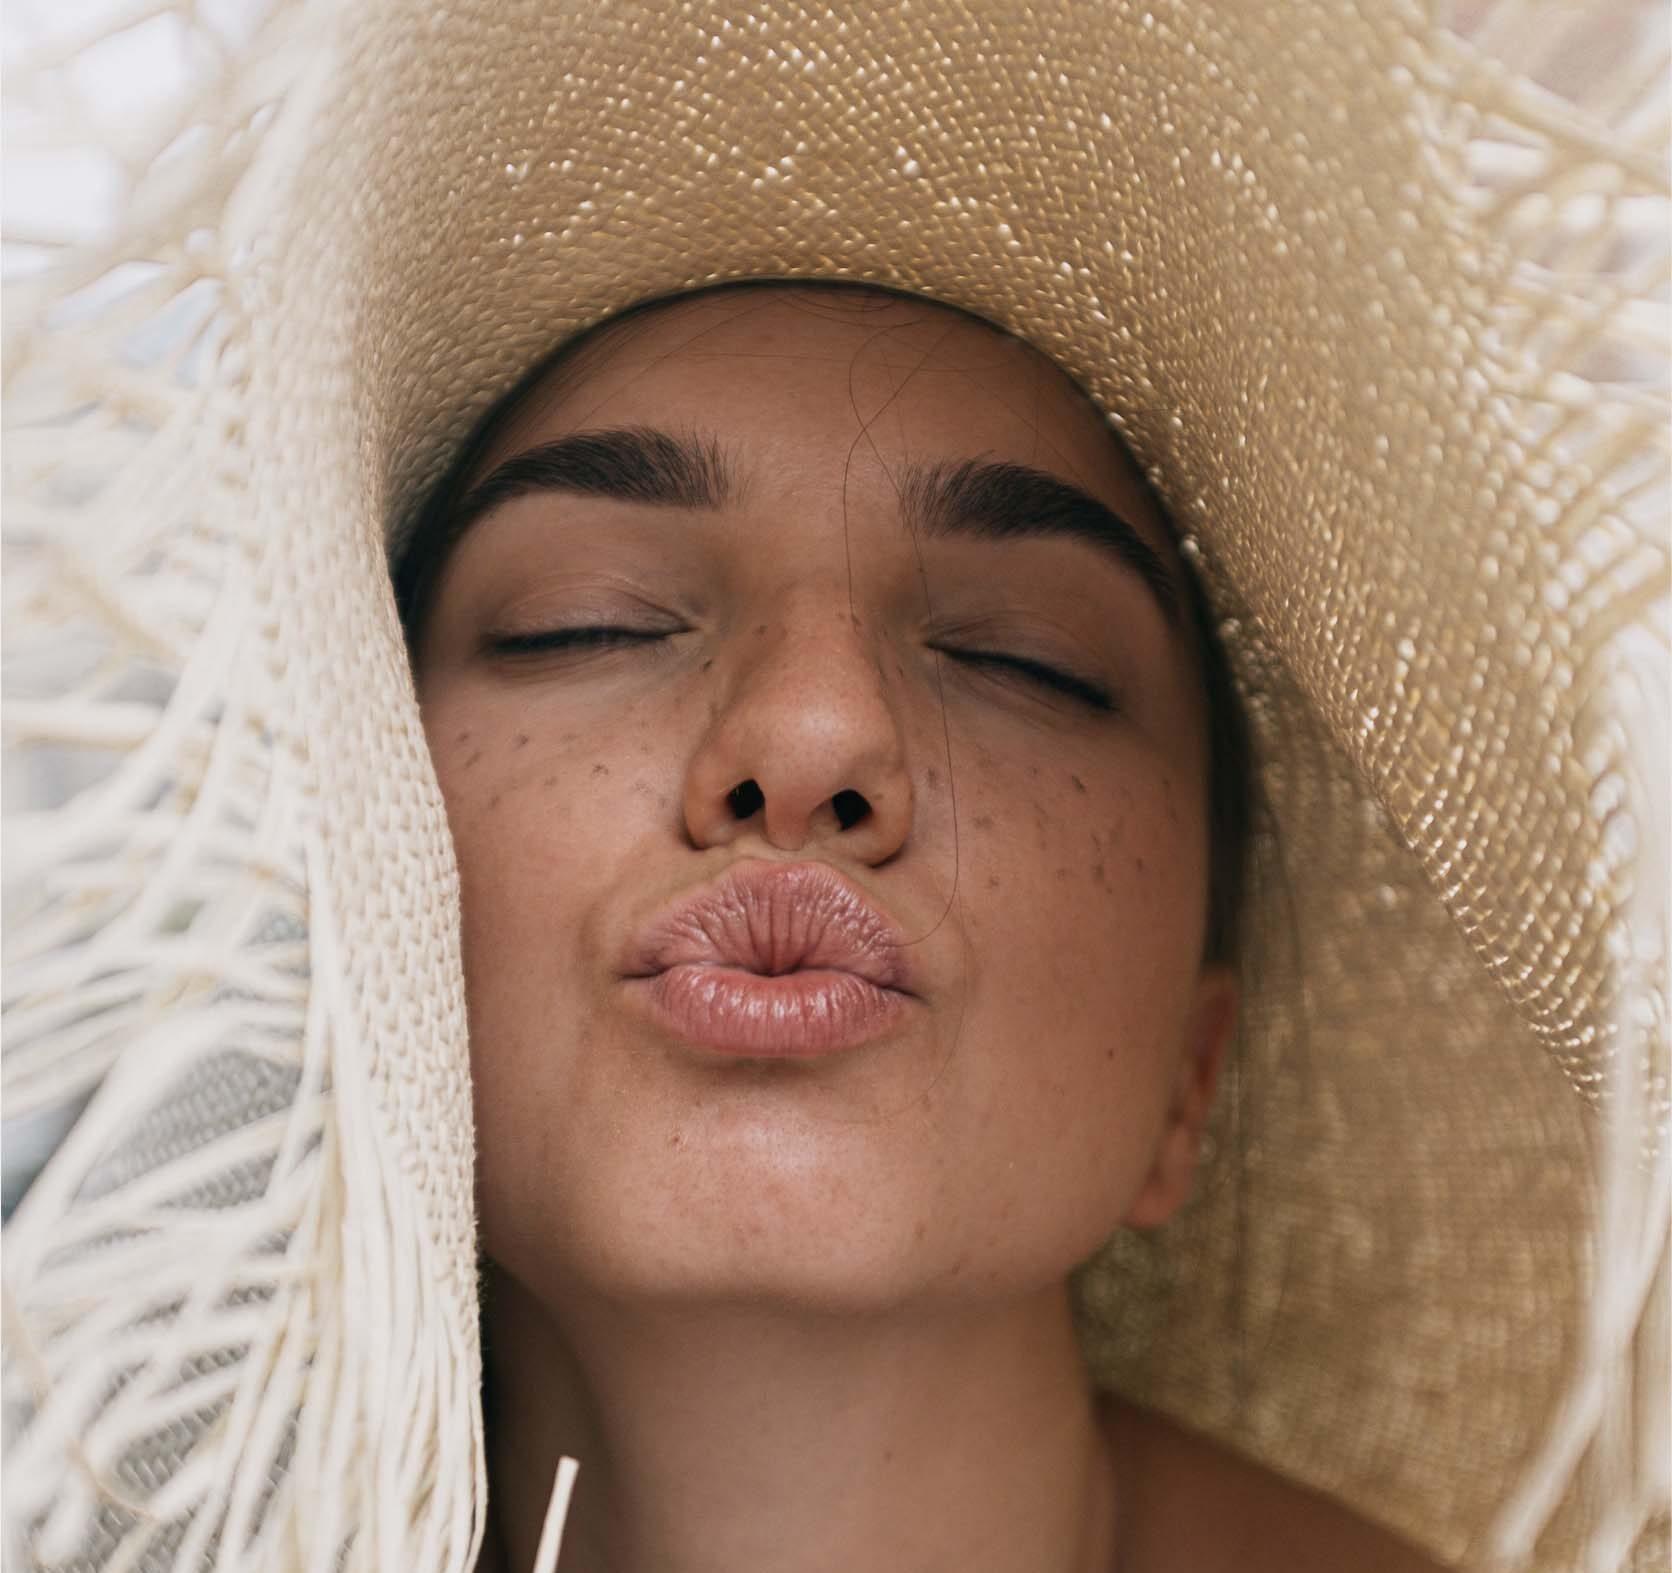 Giornata mondiale del bacio: Ecco come donare fantastici baci e sorrisi!